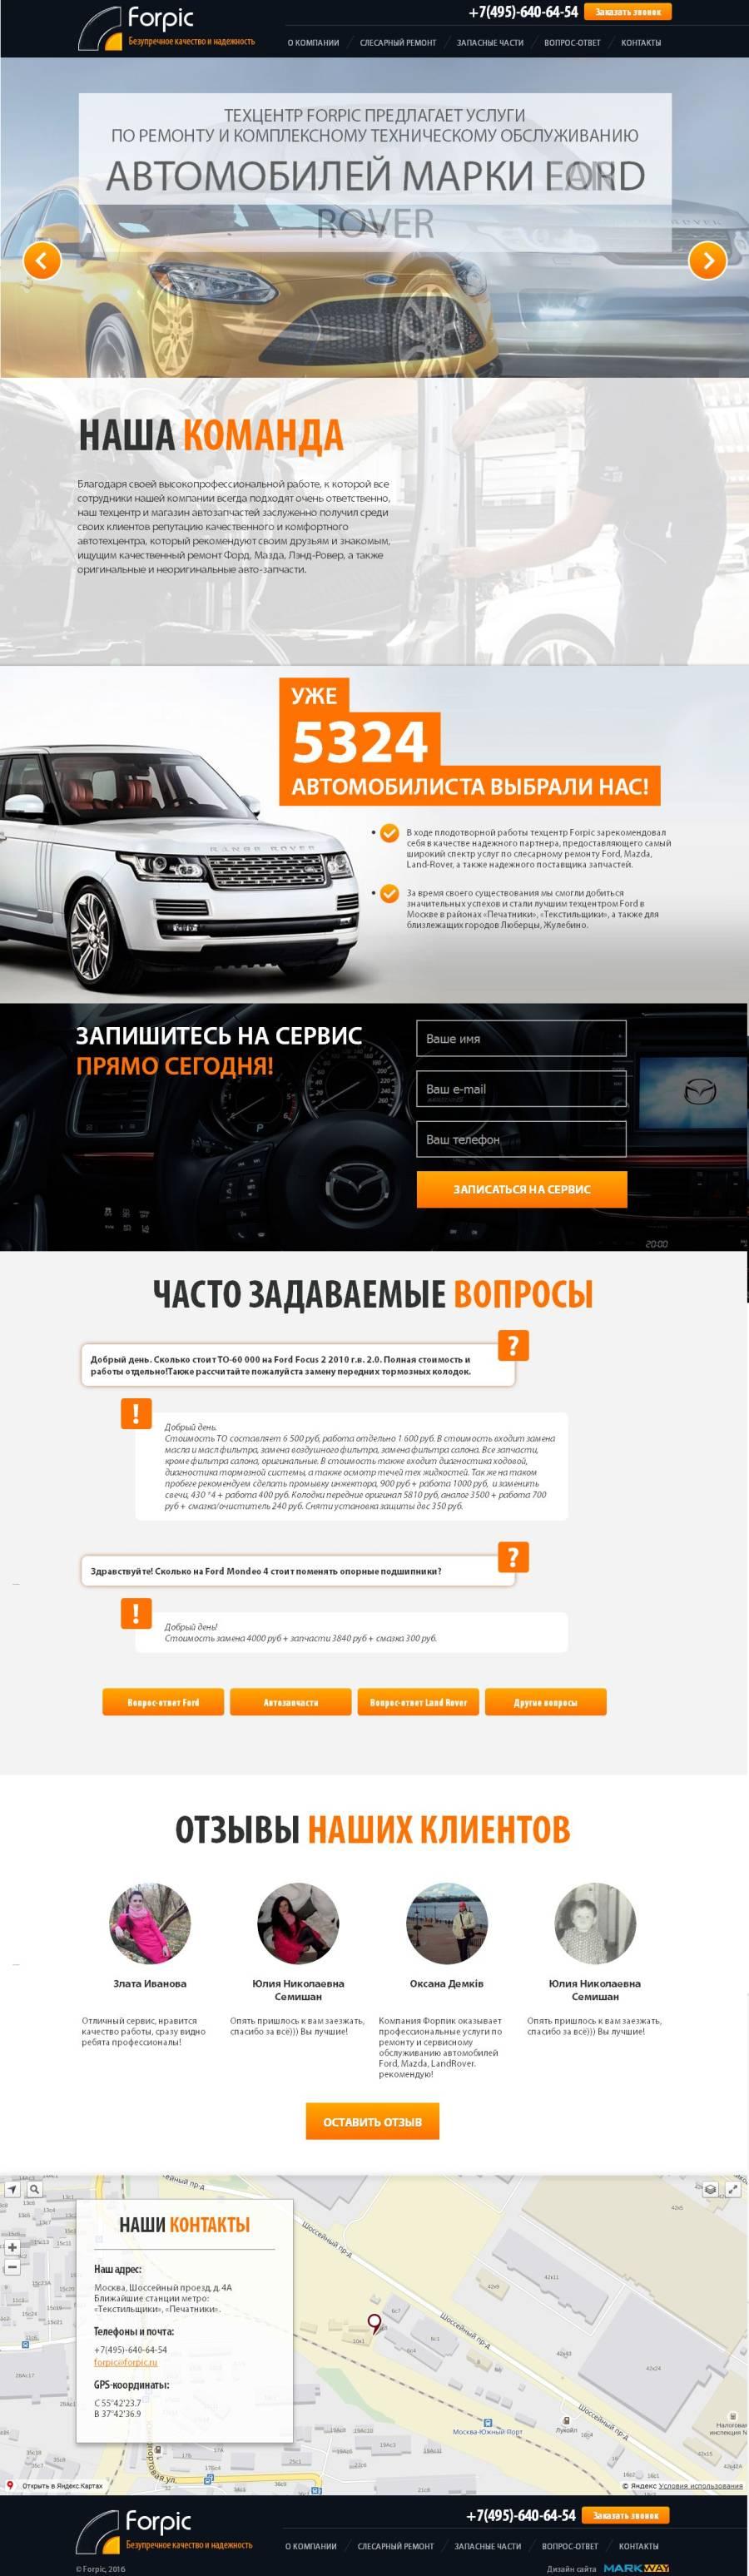 forpic.ru - техобслуживание автомобилей Land Rover и Ford.